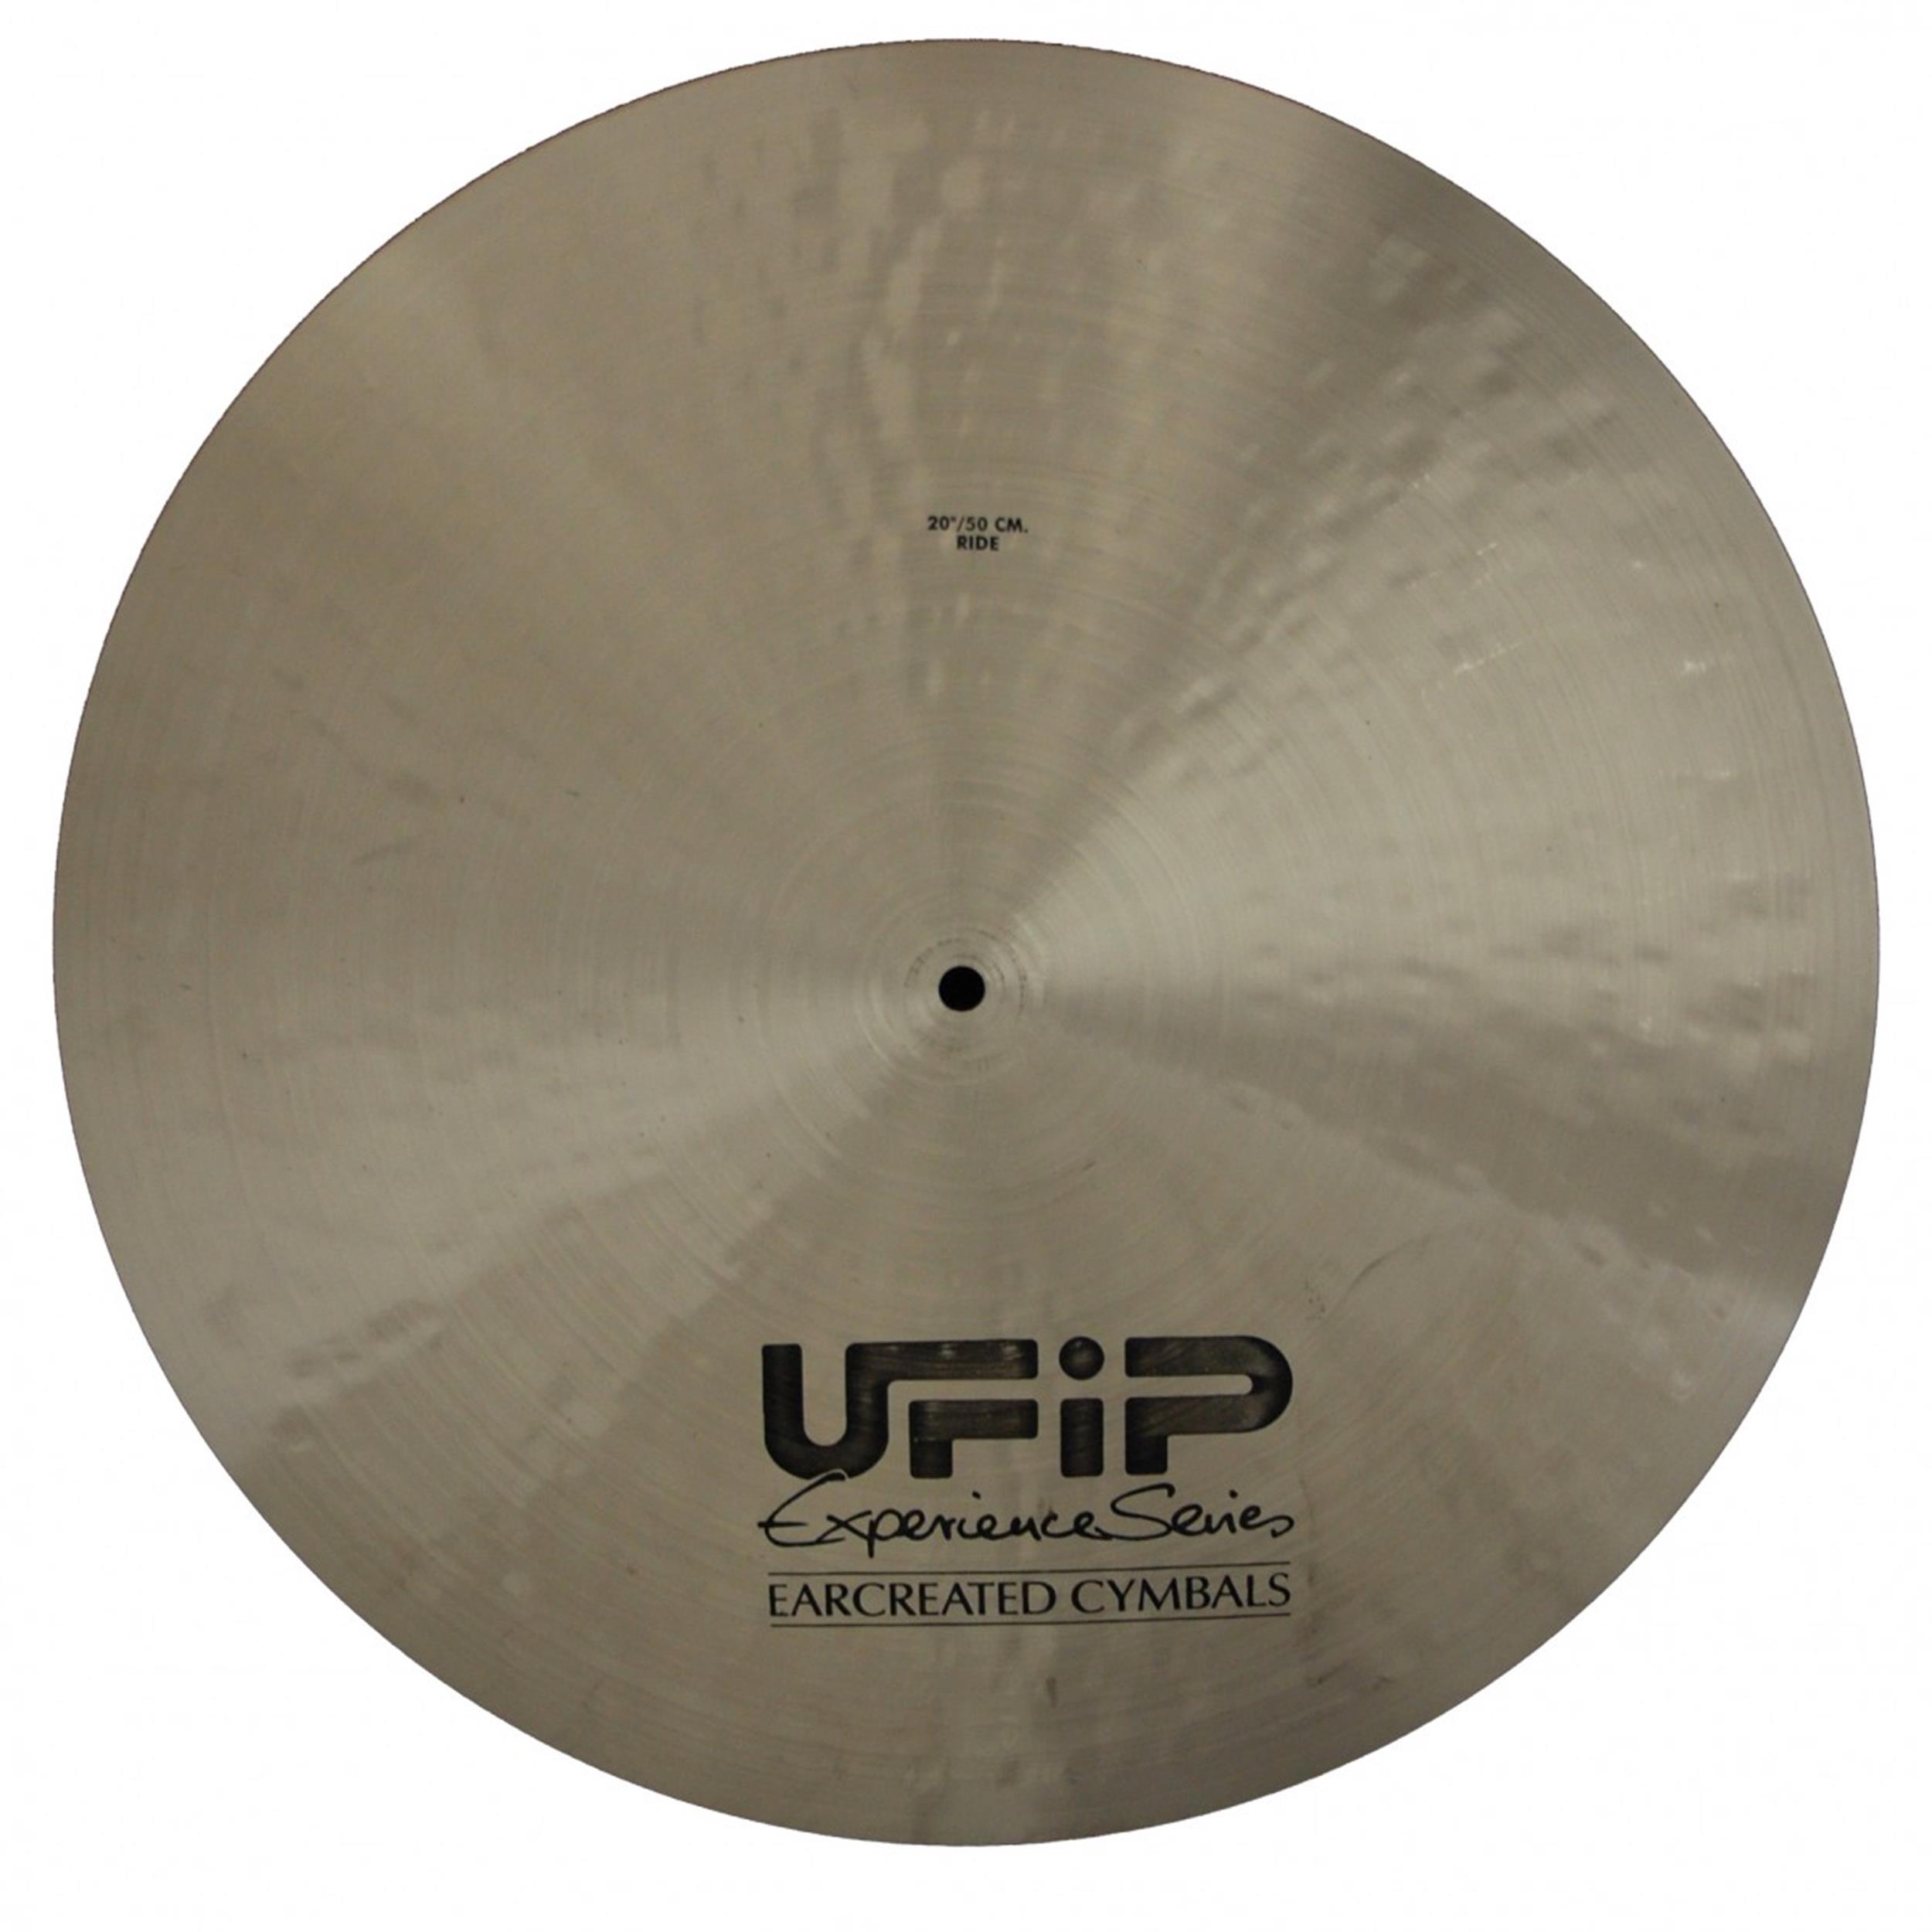 UFIP ES-20FR - Flat Ride 20